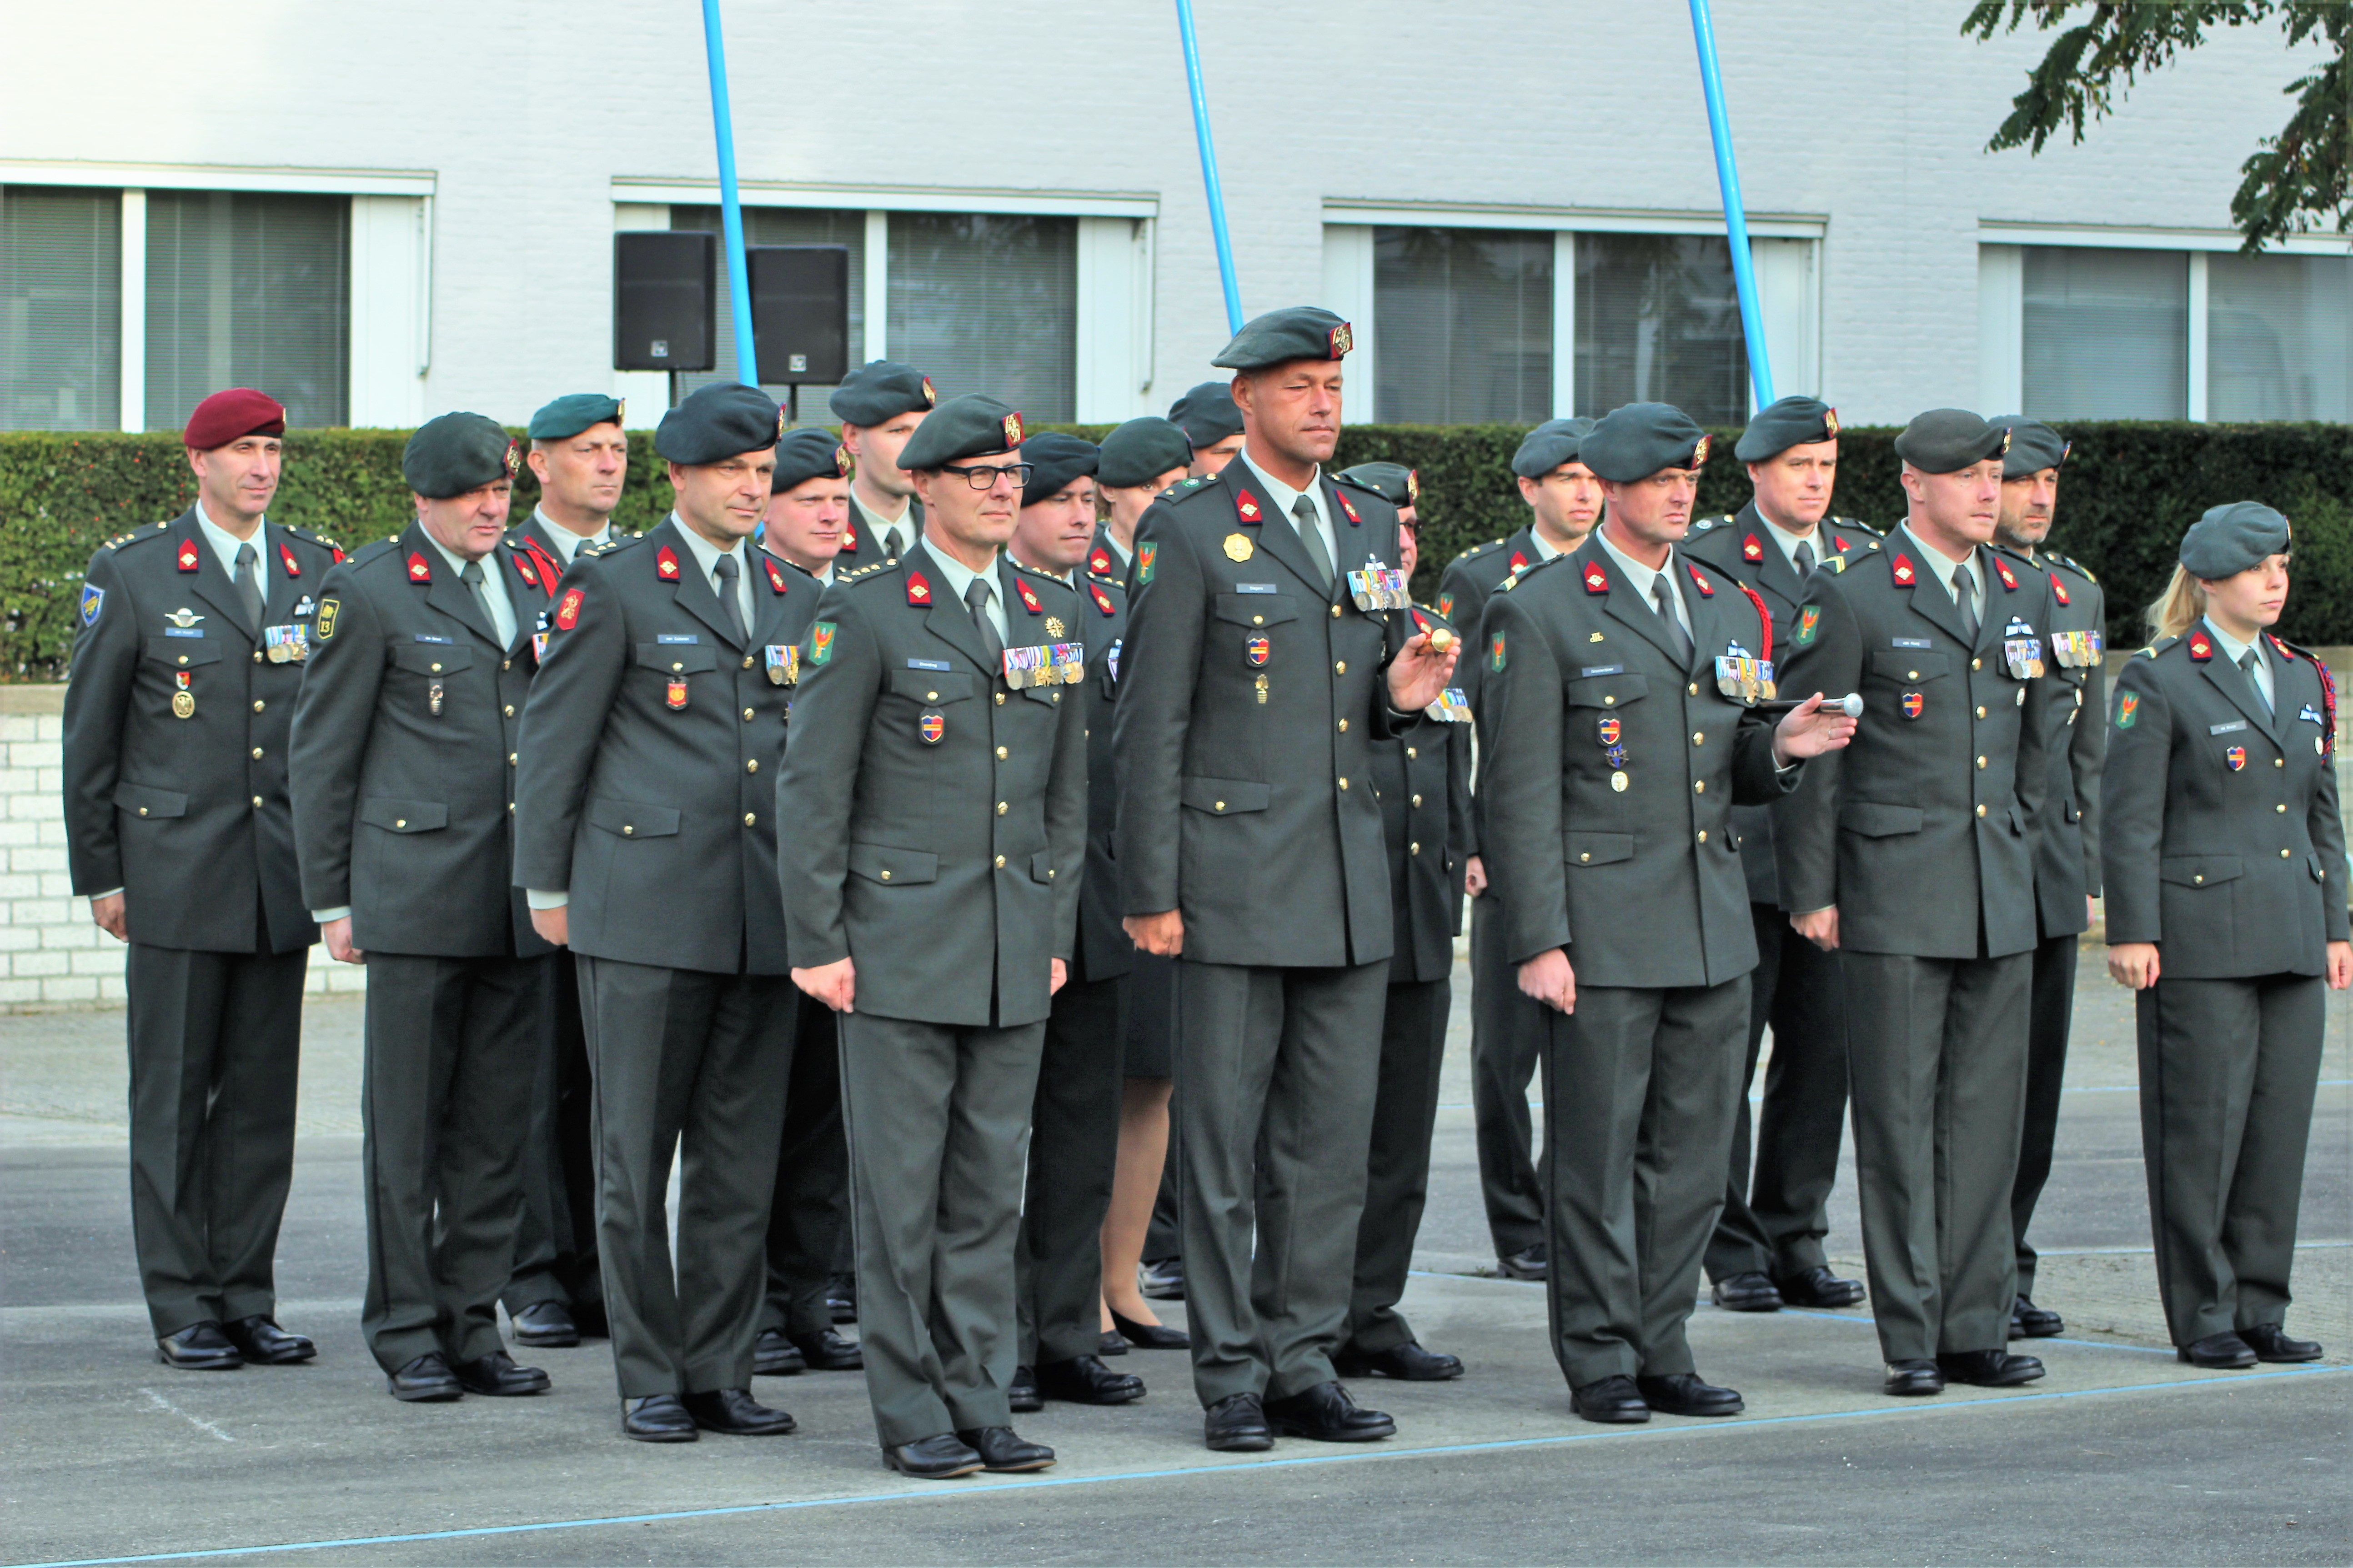 ceremonie militairen